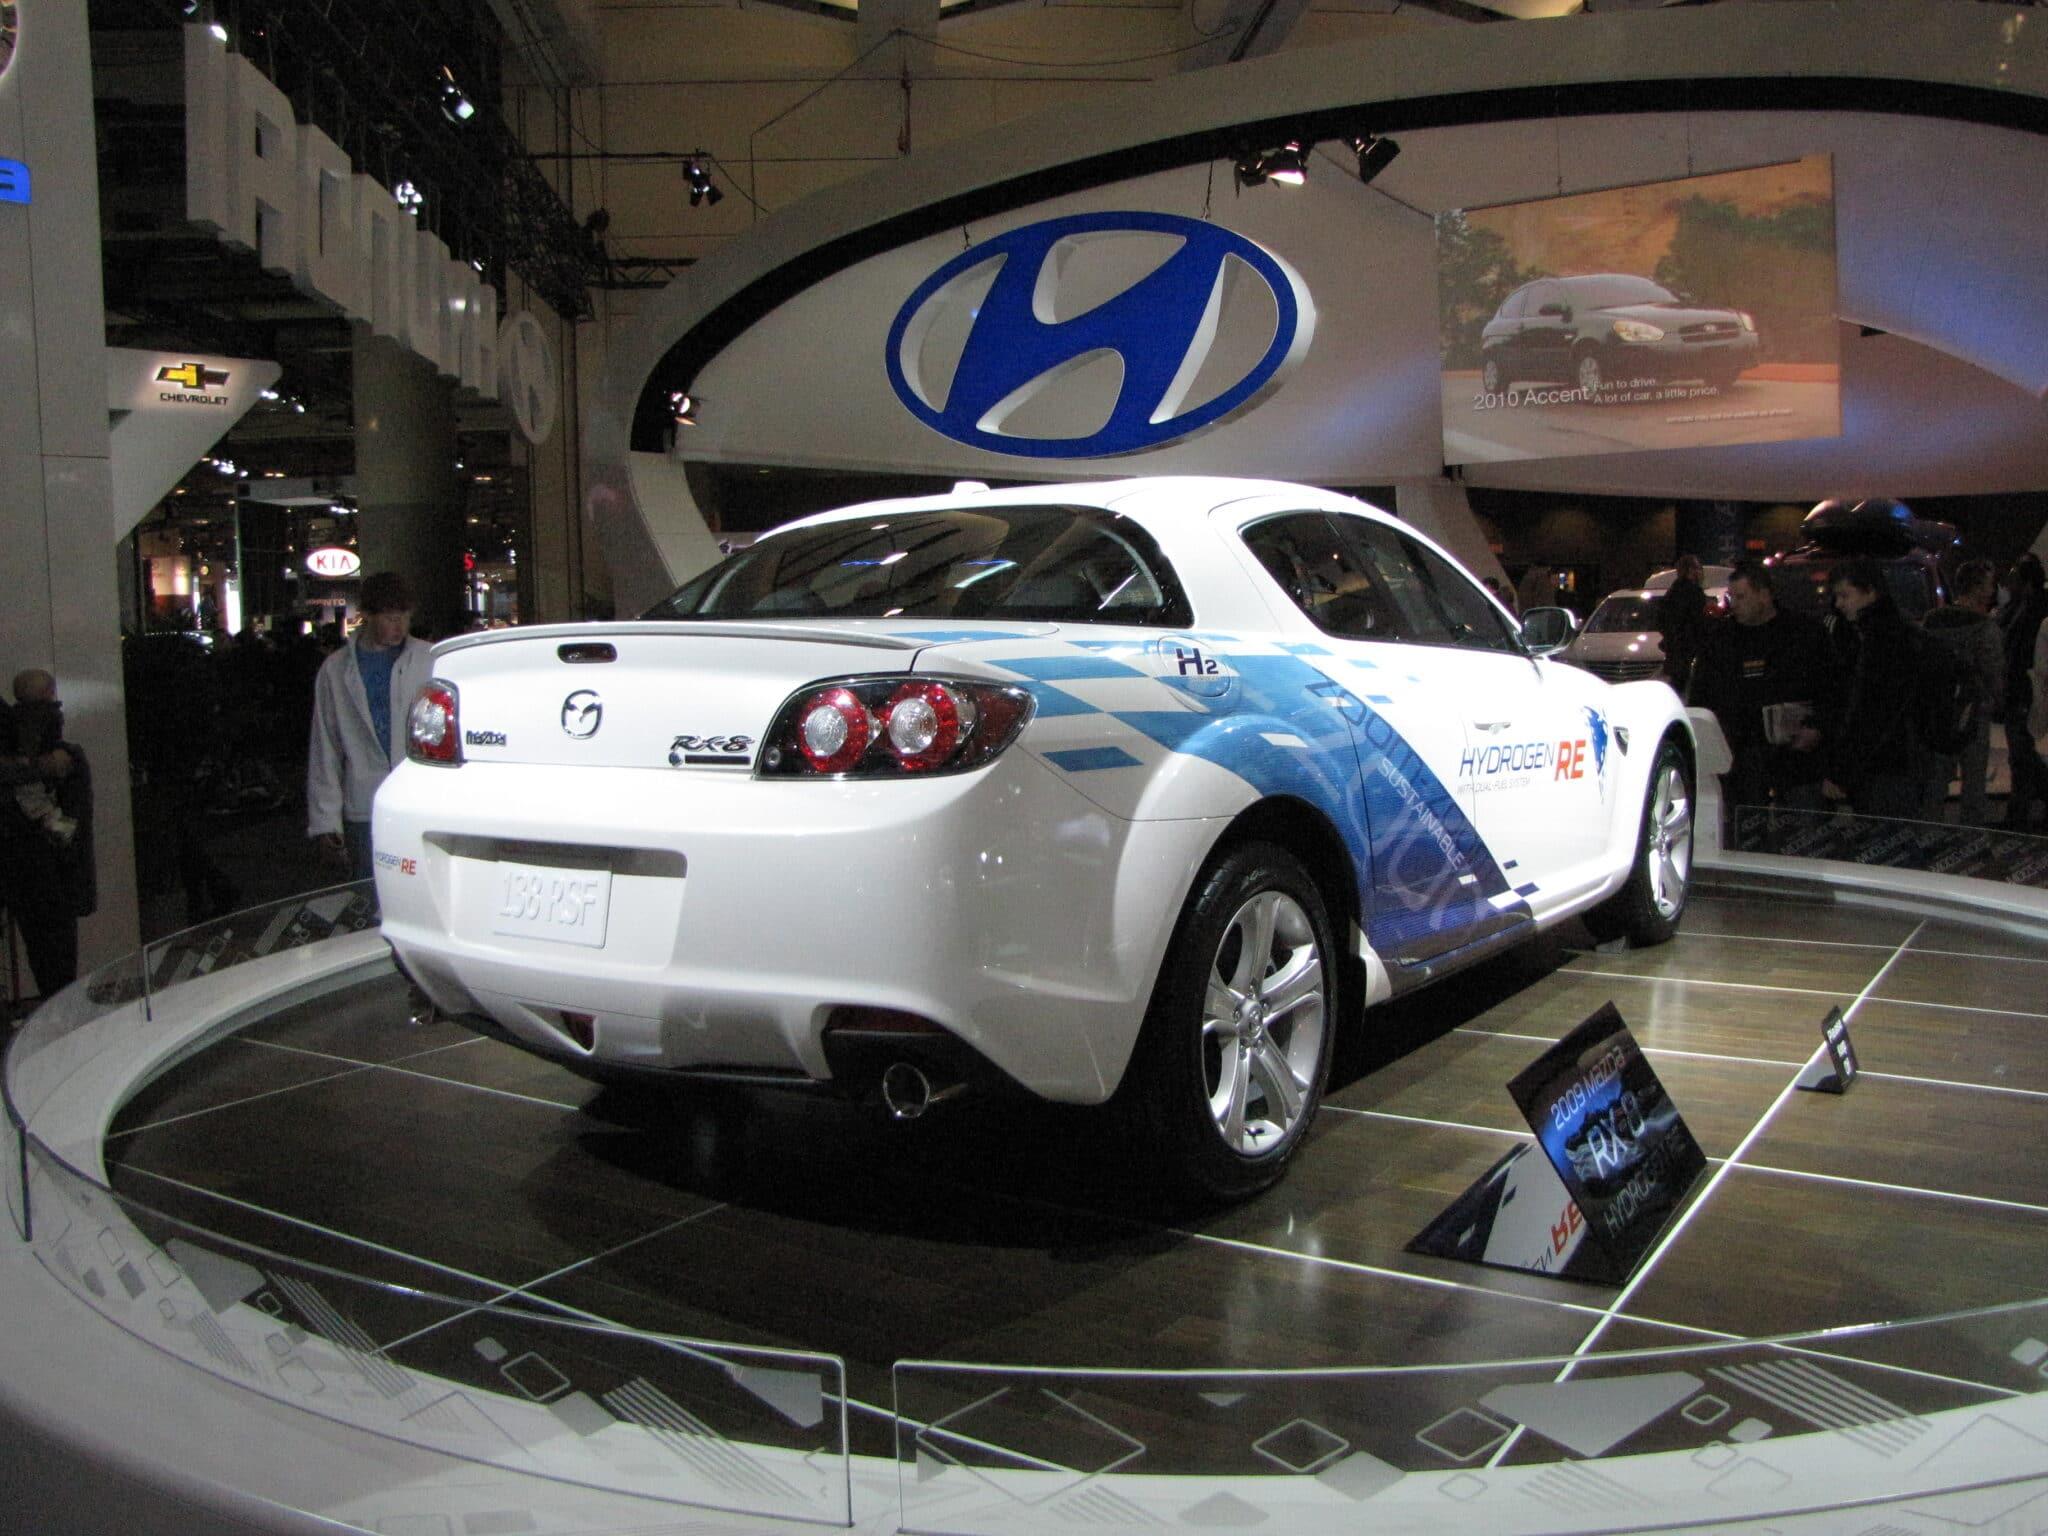 Quando la Mazda RX-8 Hydrogen RE presentò il prototipo al pubblico - Copyright foto: Wikipedia